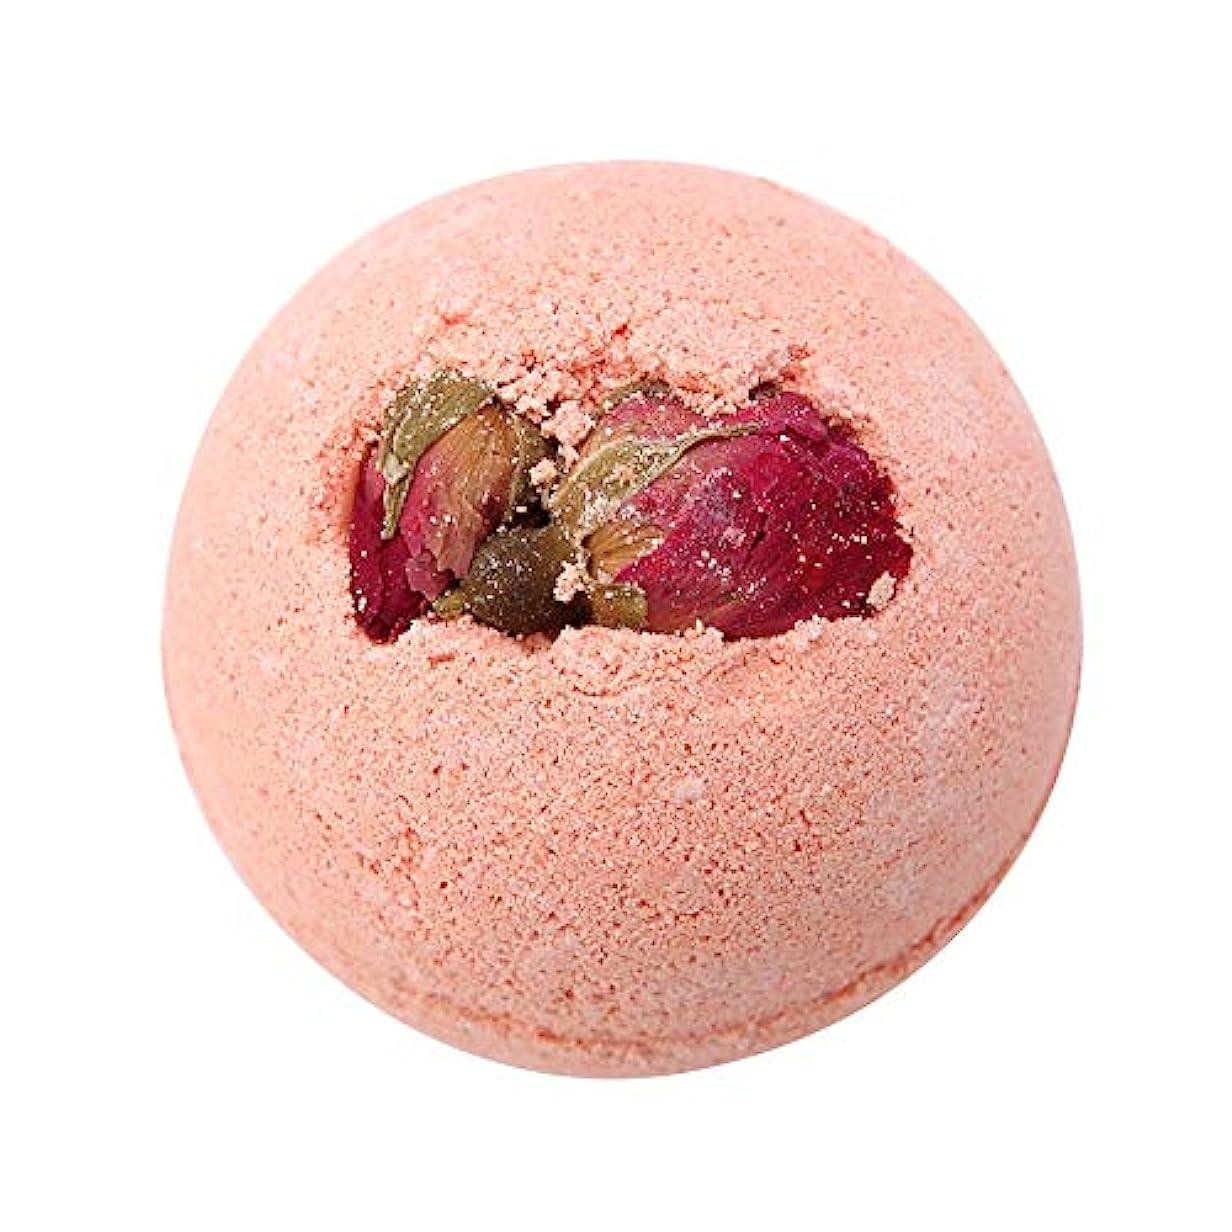 サイレント波カストディアン入浴剤 100%天然エッセンシャルオイル&ドライフラワー、アロマテラピーリラクゼーション乾燥肌、キューティクルの柔らかさ 泡風呂 ガールフレンドのアイデアギフト 女性 母親(Pink Rose)